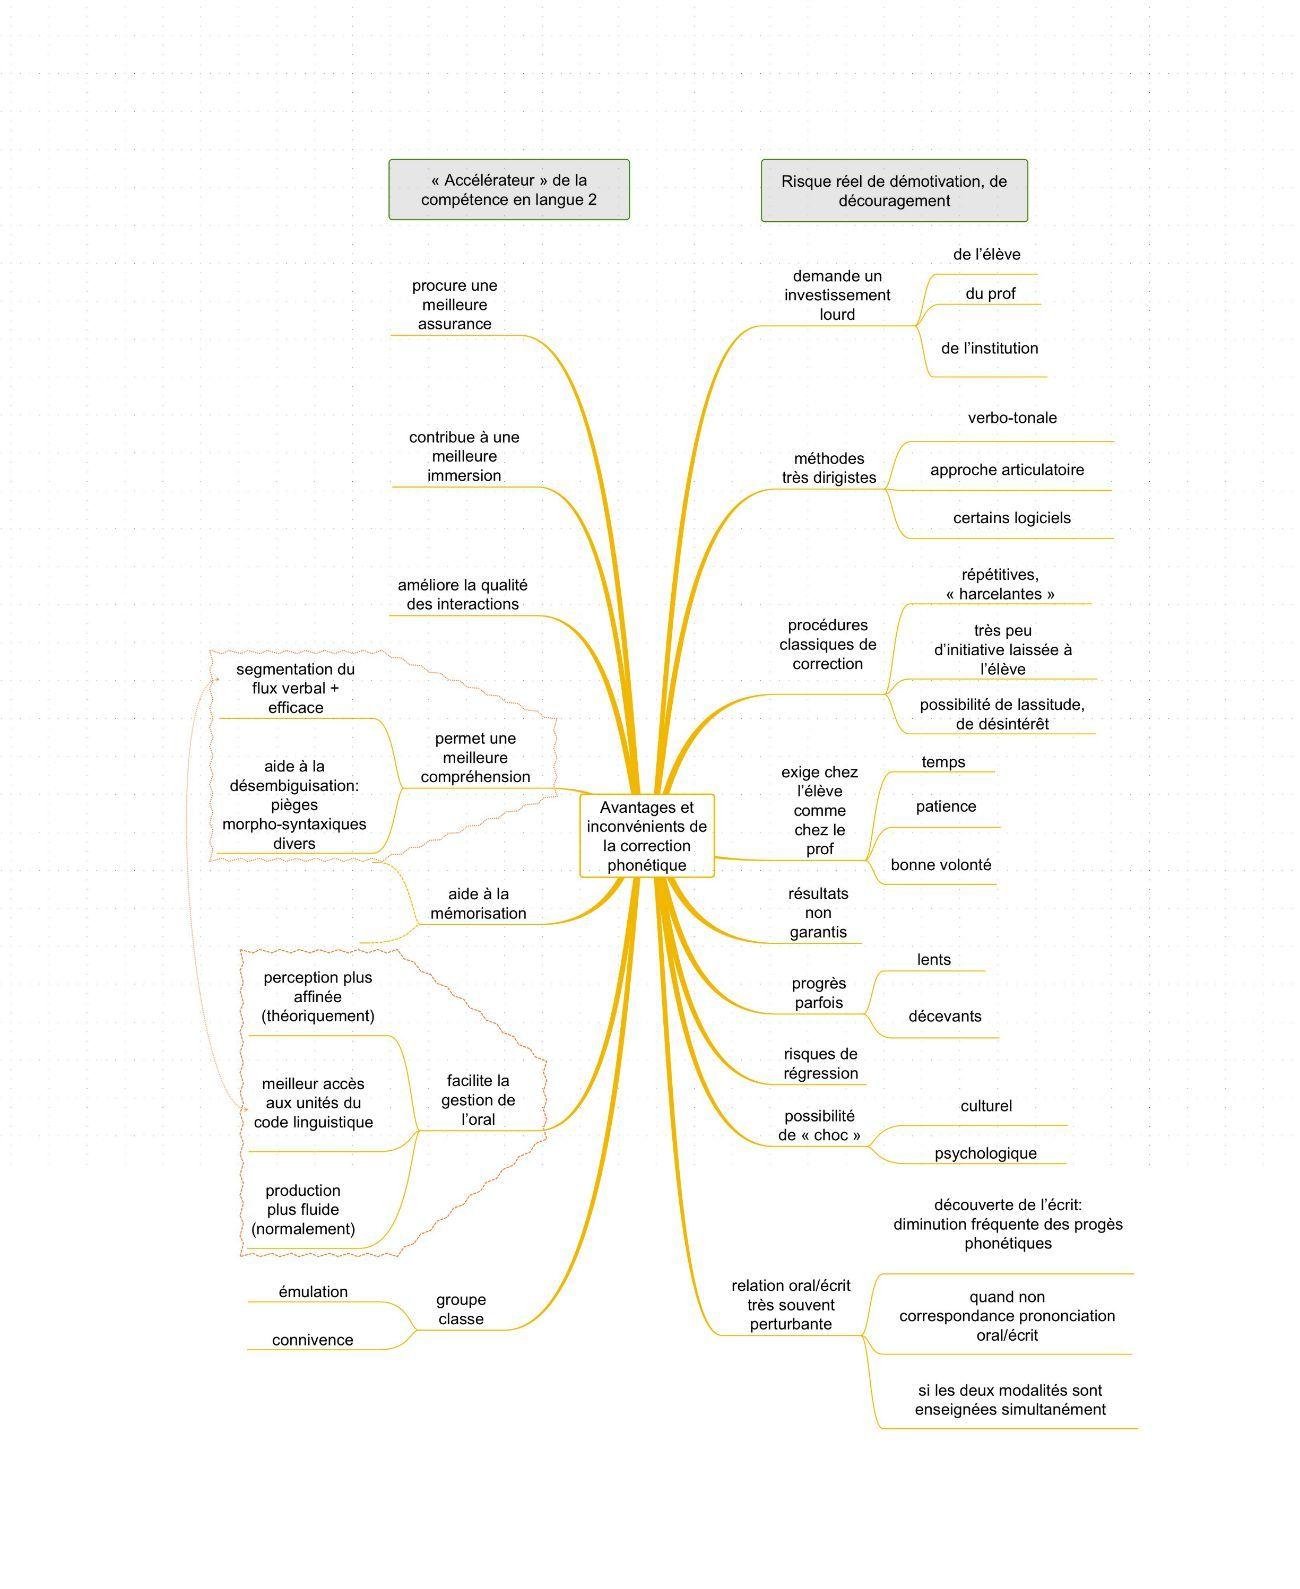 Inconv nients et avantages de la correction phon tique carte heuristique a - Avantage et inconvenient ...